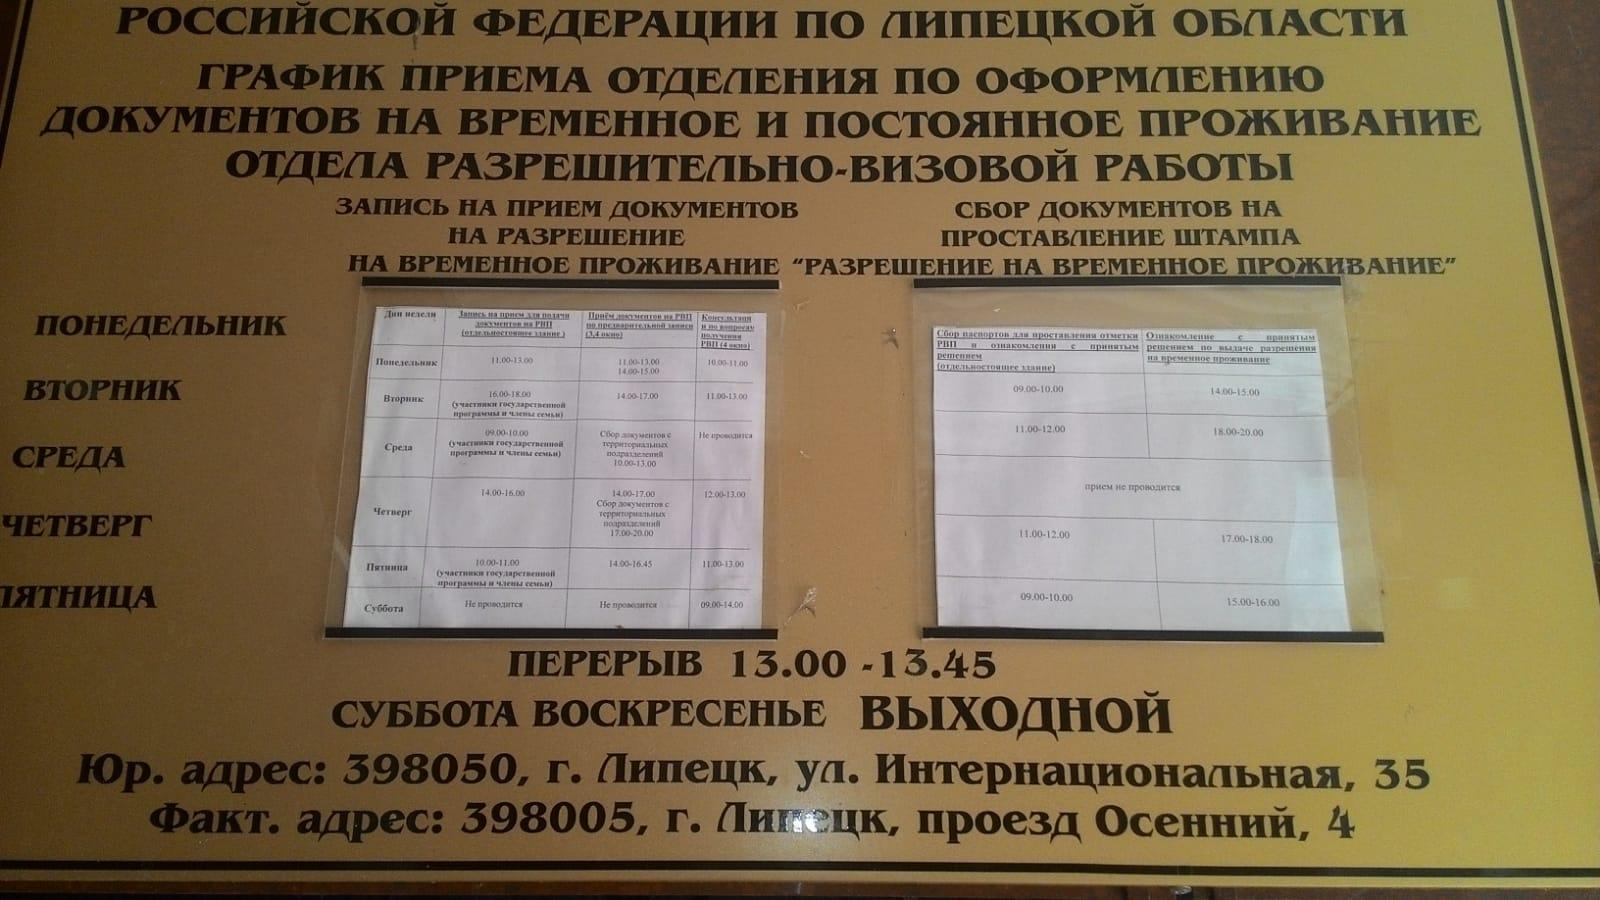 Программа переселения соотечественников 2019 в нижегородскую область работает ли 2019